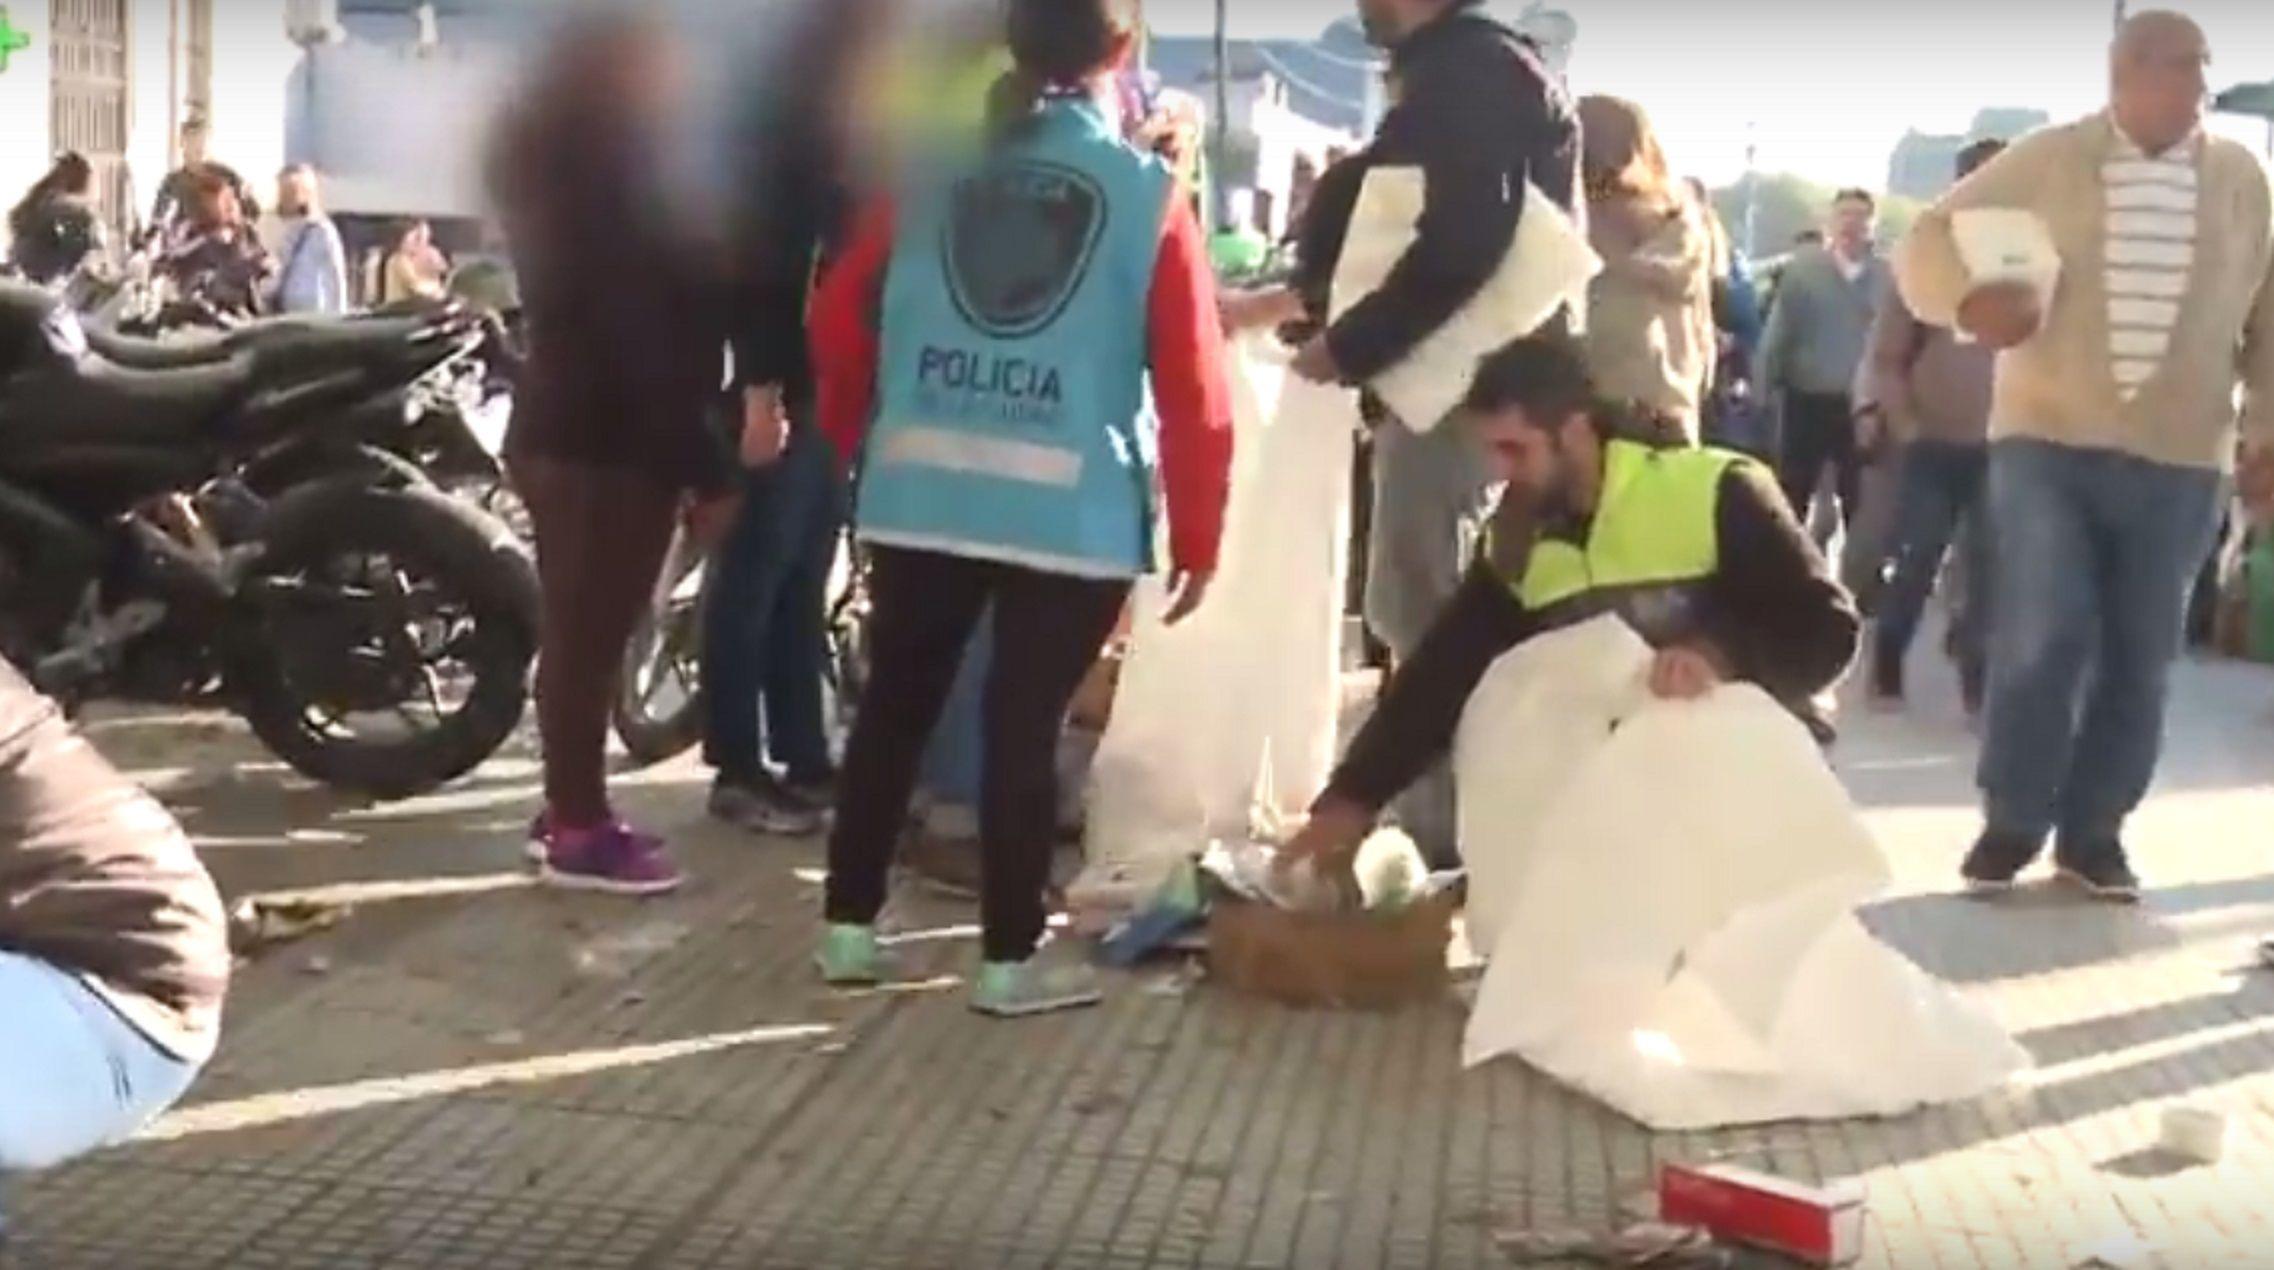 La Policía de la Ciudad desalojó a puesteros de la zona de Retiro